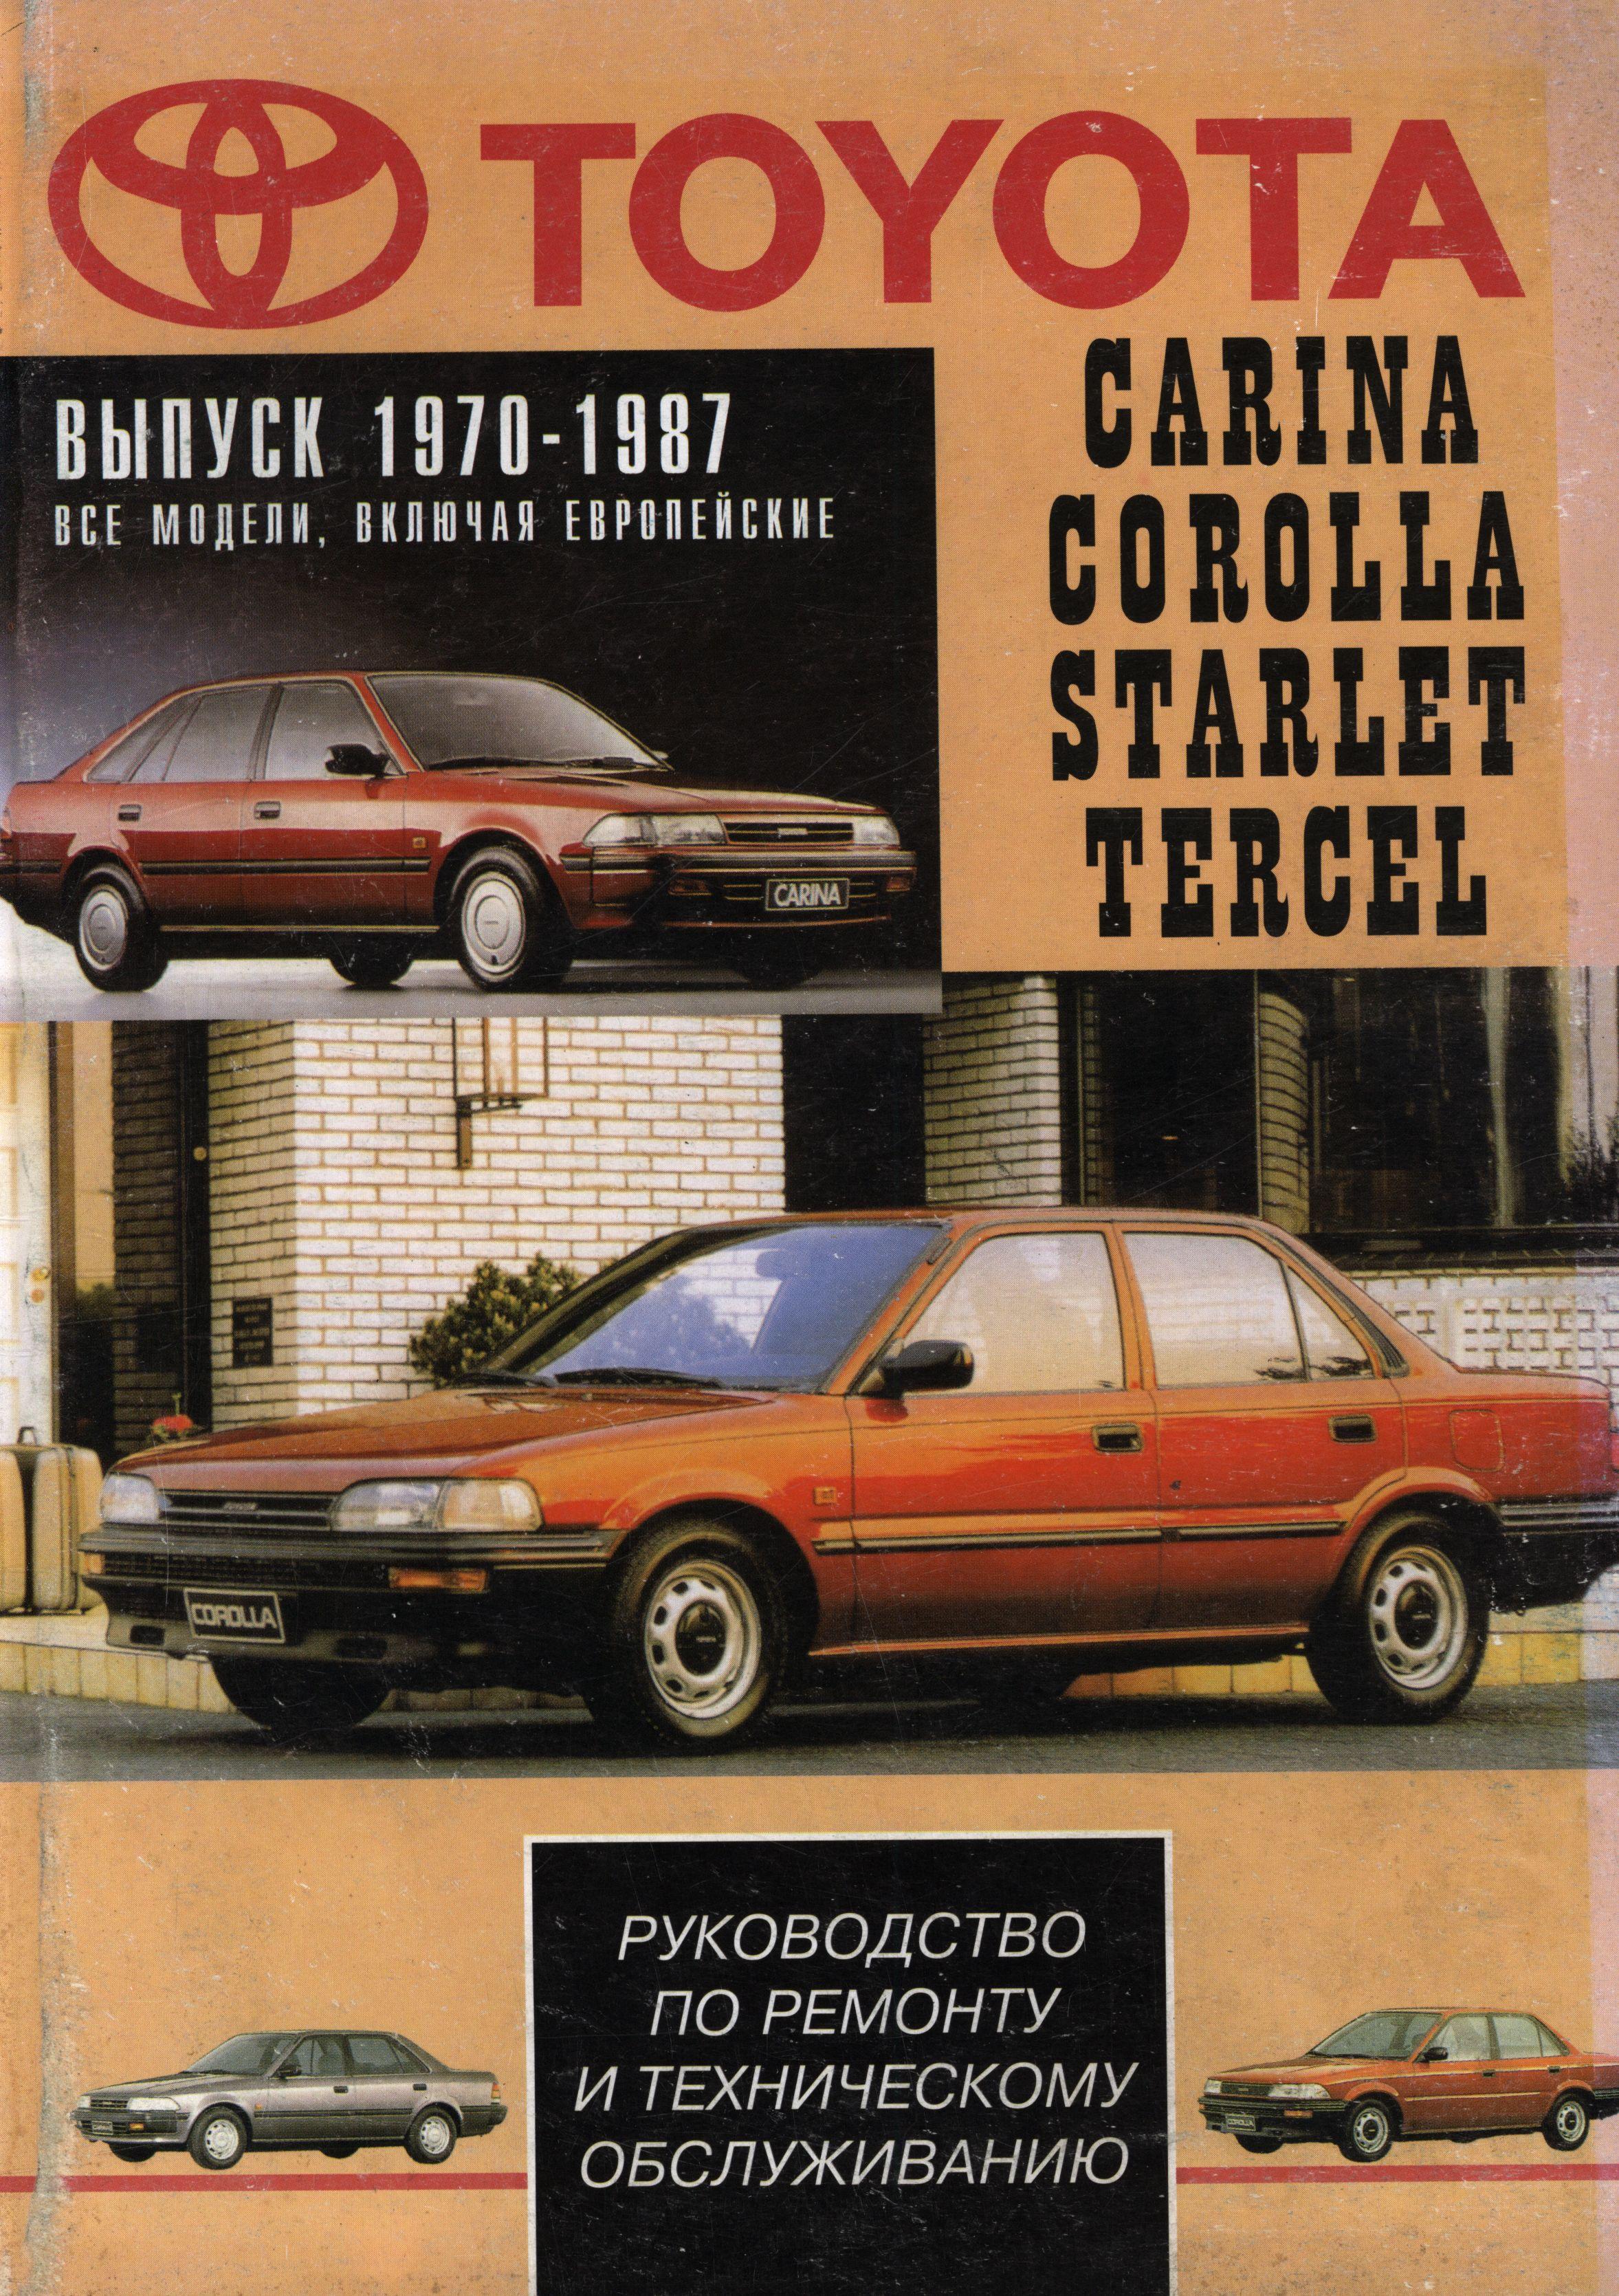 TOYOTA COROLLA 1970-1987 Пособие по ремонту и техническому обслуживанию